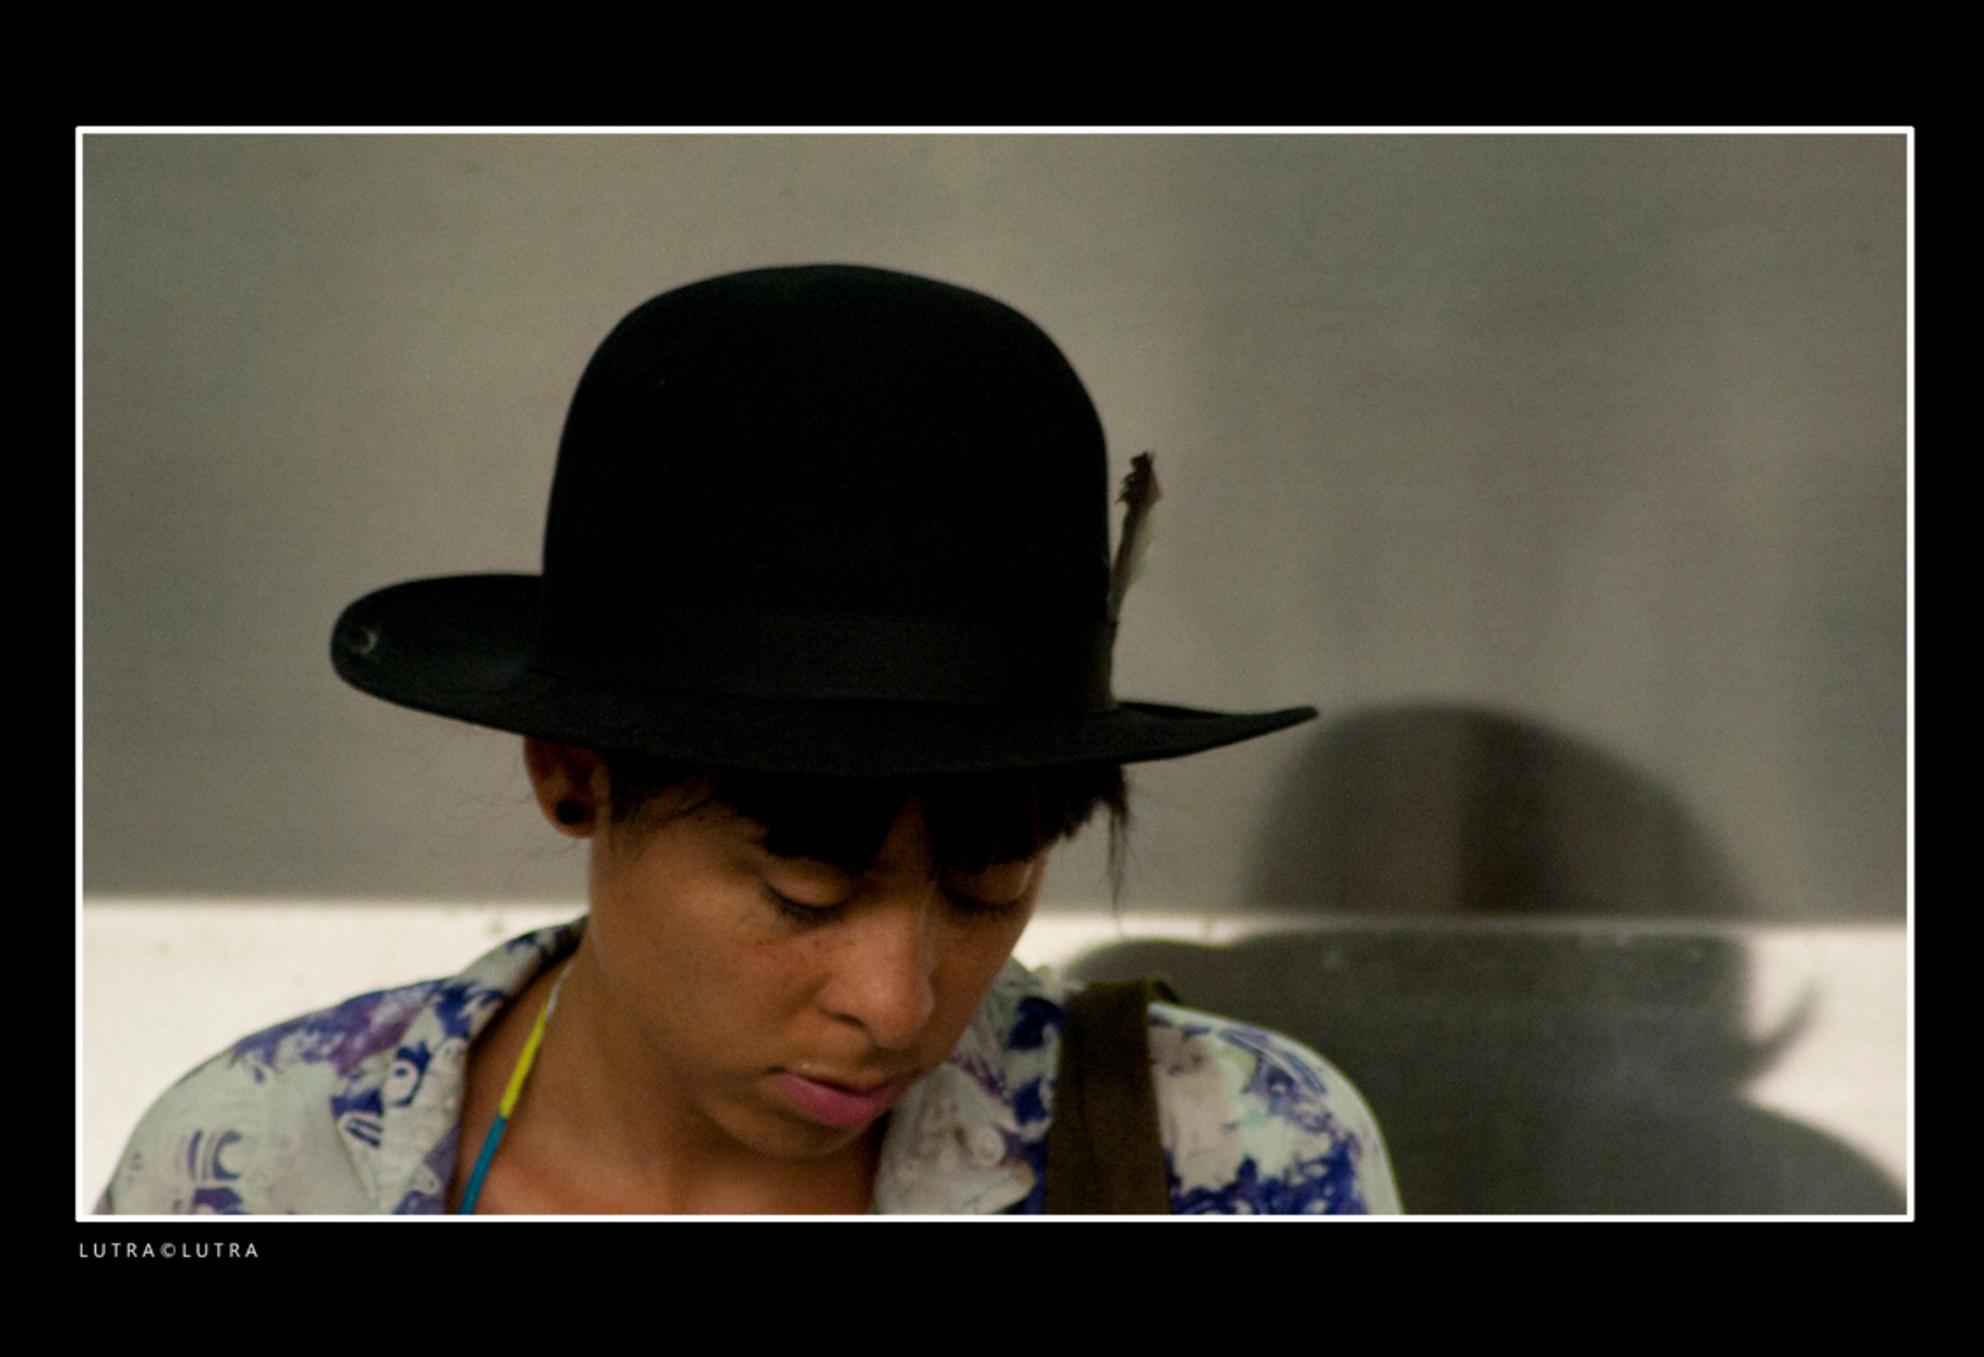 METRO..08 - deze jongedame gespot vanuit de Metro op het station, ze viel me direct op met haar fraaie zwarte hoed... - foto door corotterspeer op 31-07-2012 - deze foto bevat: station, rotterdam, metro